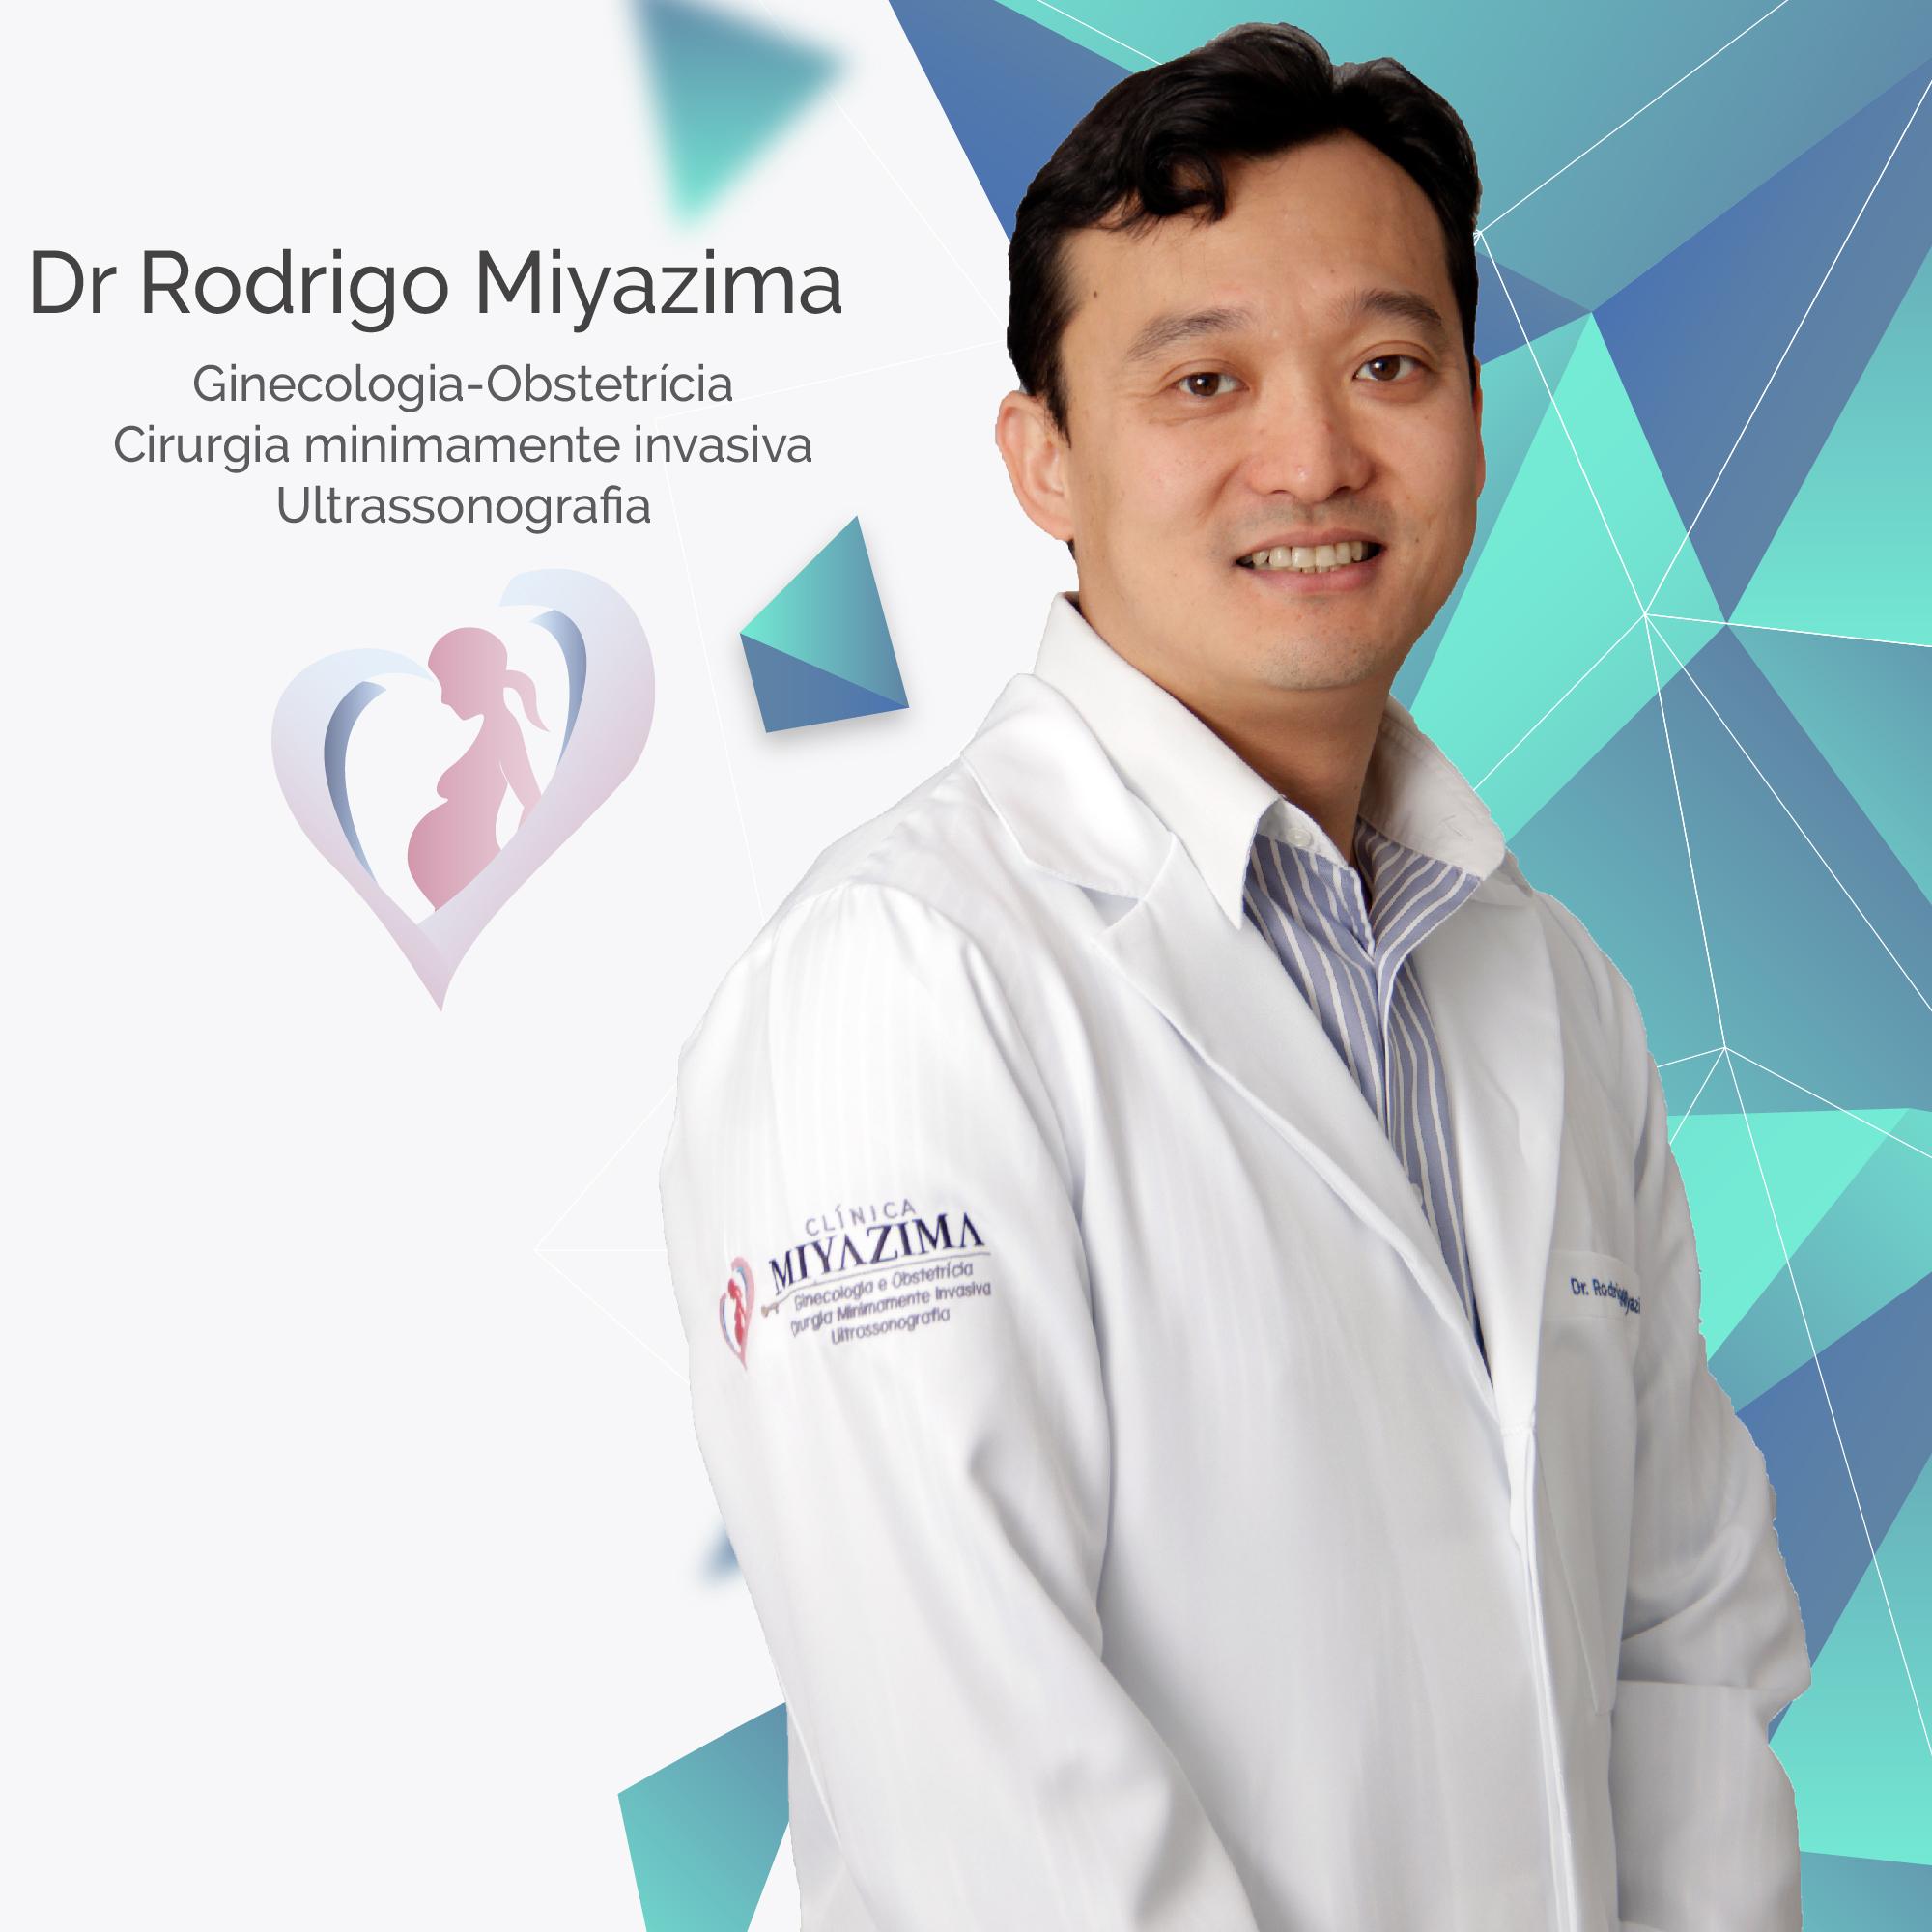 Dr. Rodrigo Miyazima